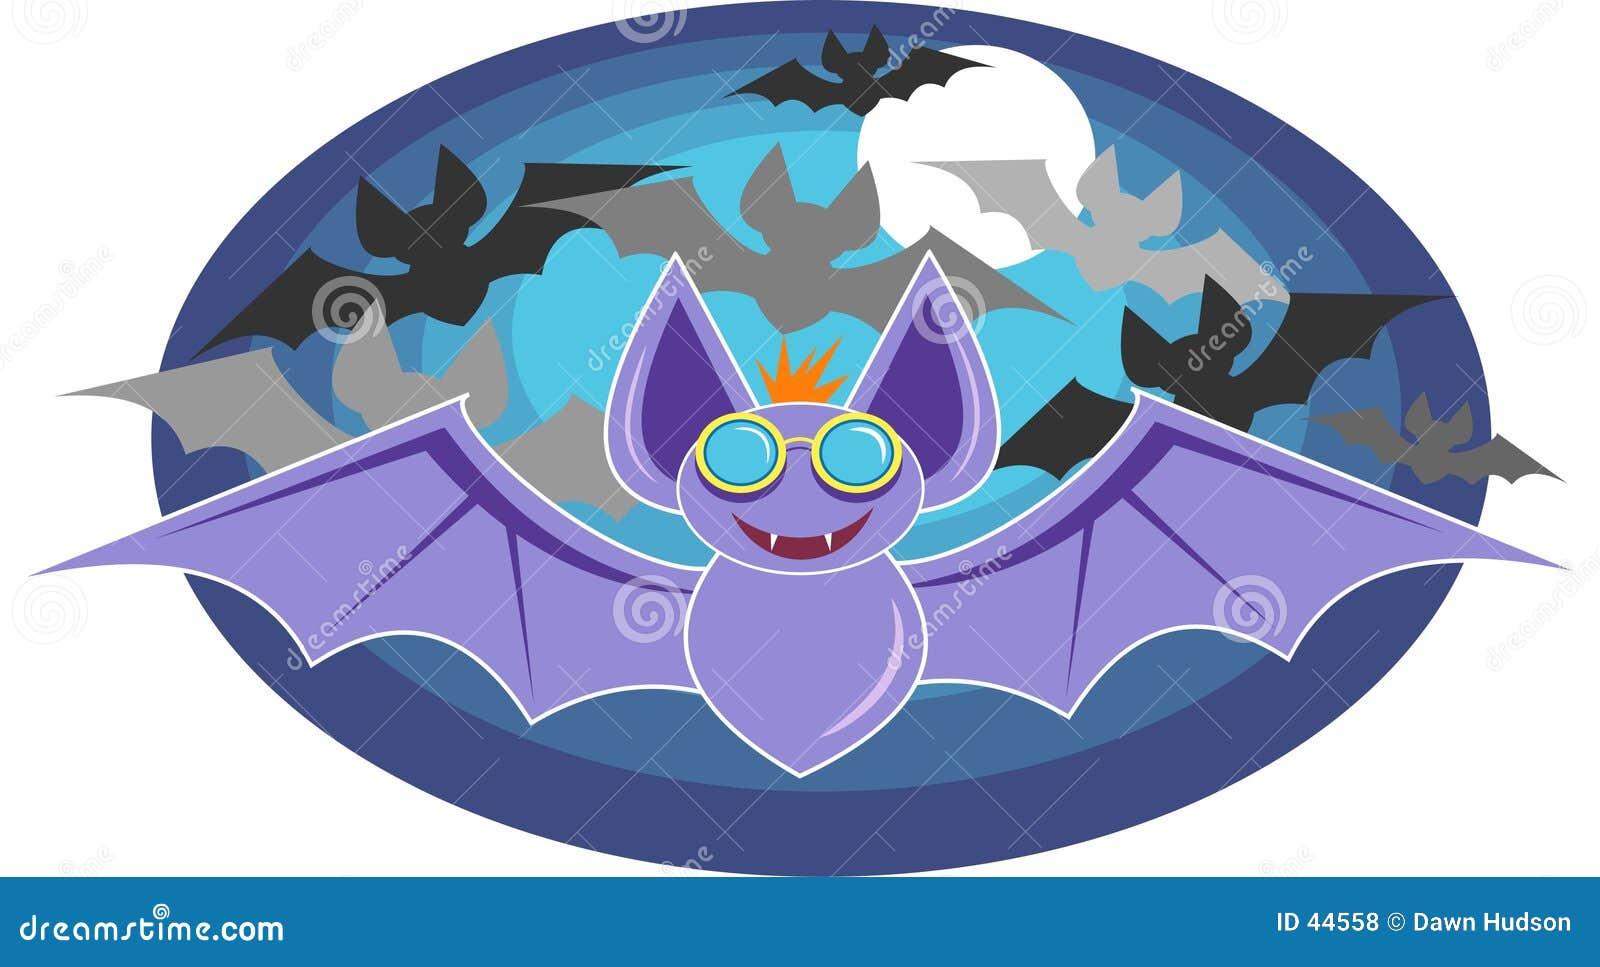 Bats in Flight